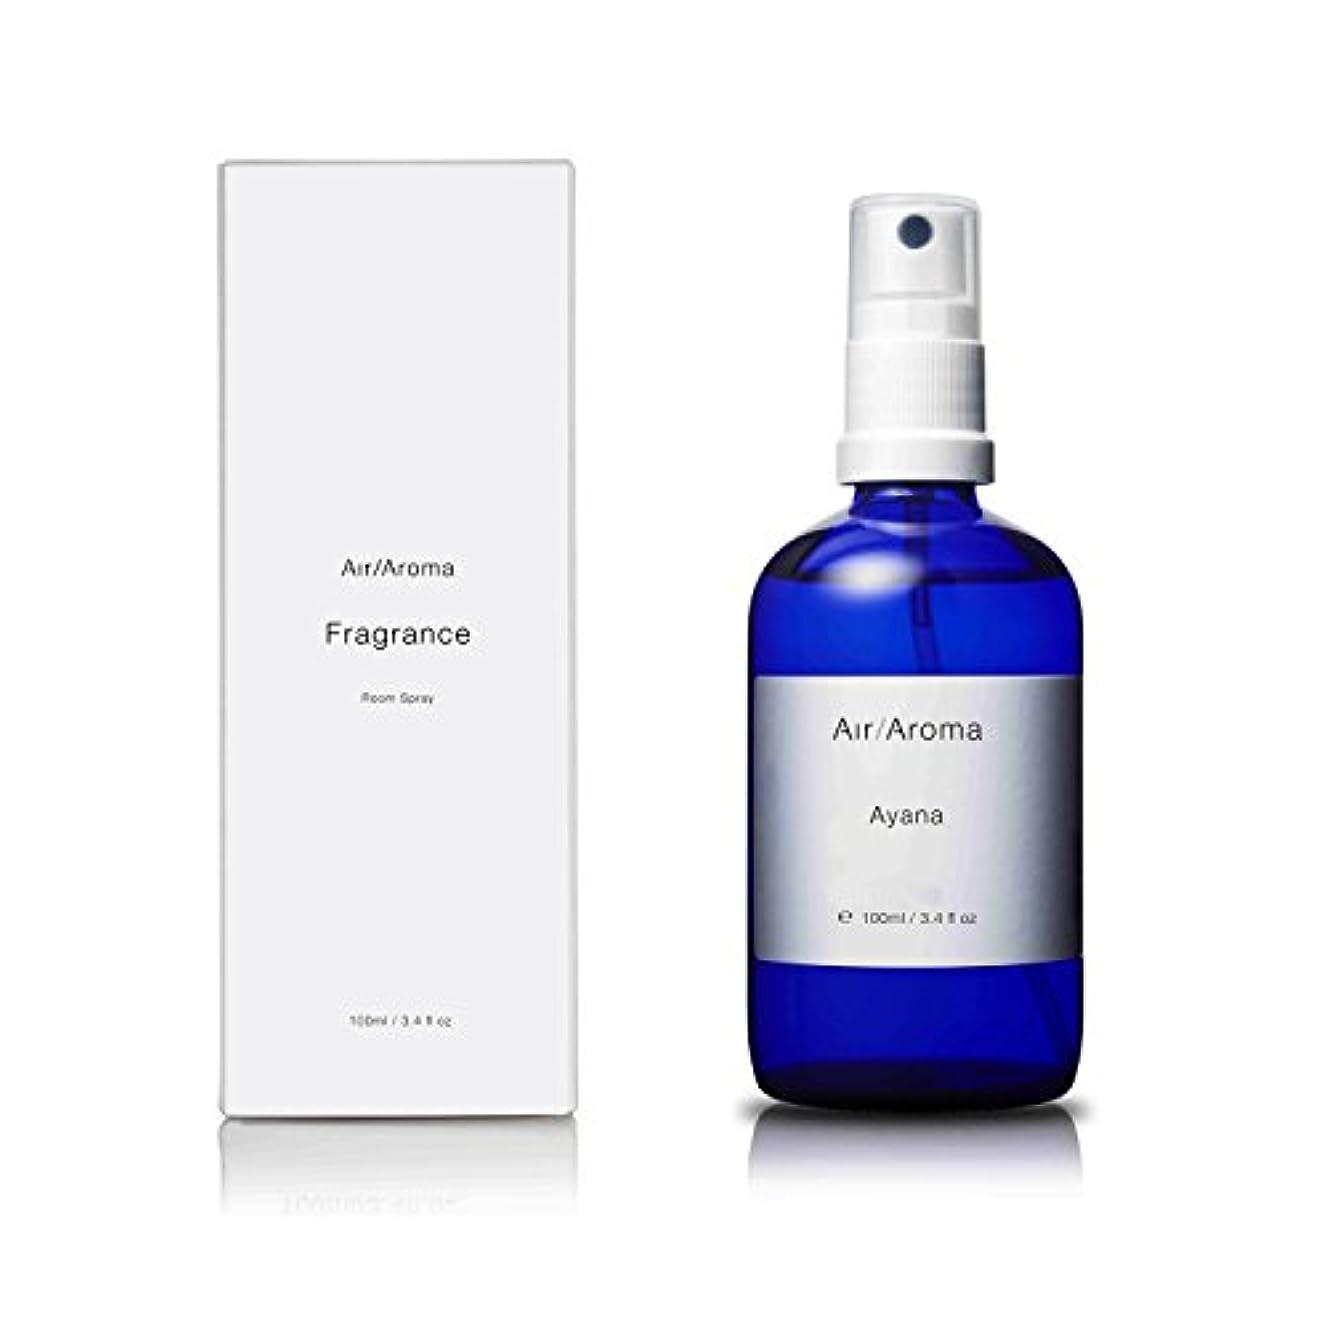 いちゃつくデータ収束エアアロマ ayana room fragrance (アヤナ ルームフレグランス) 100ml